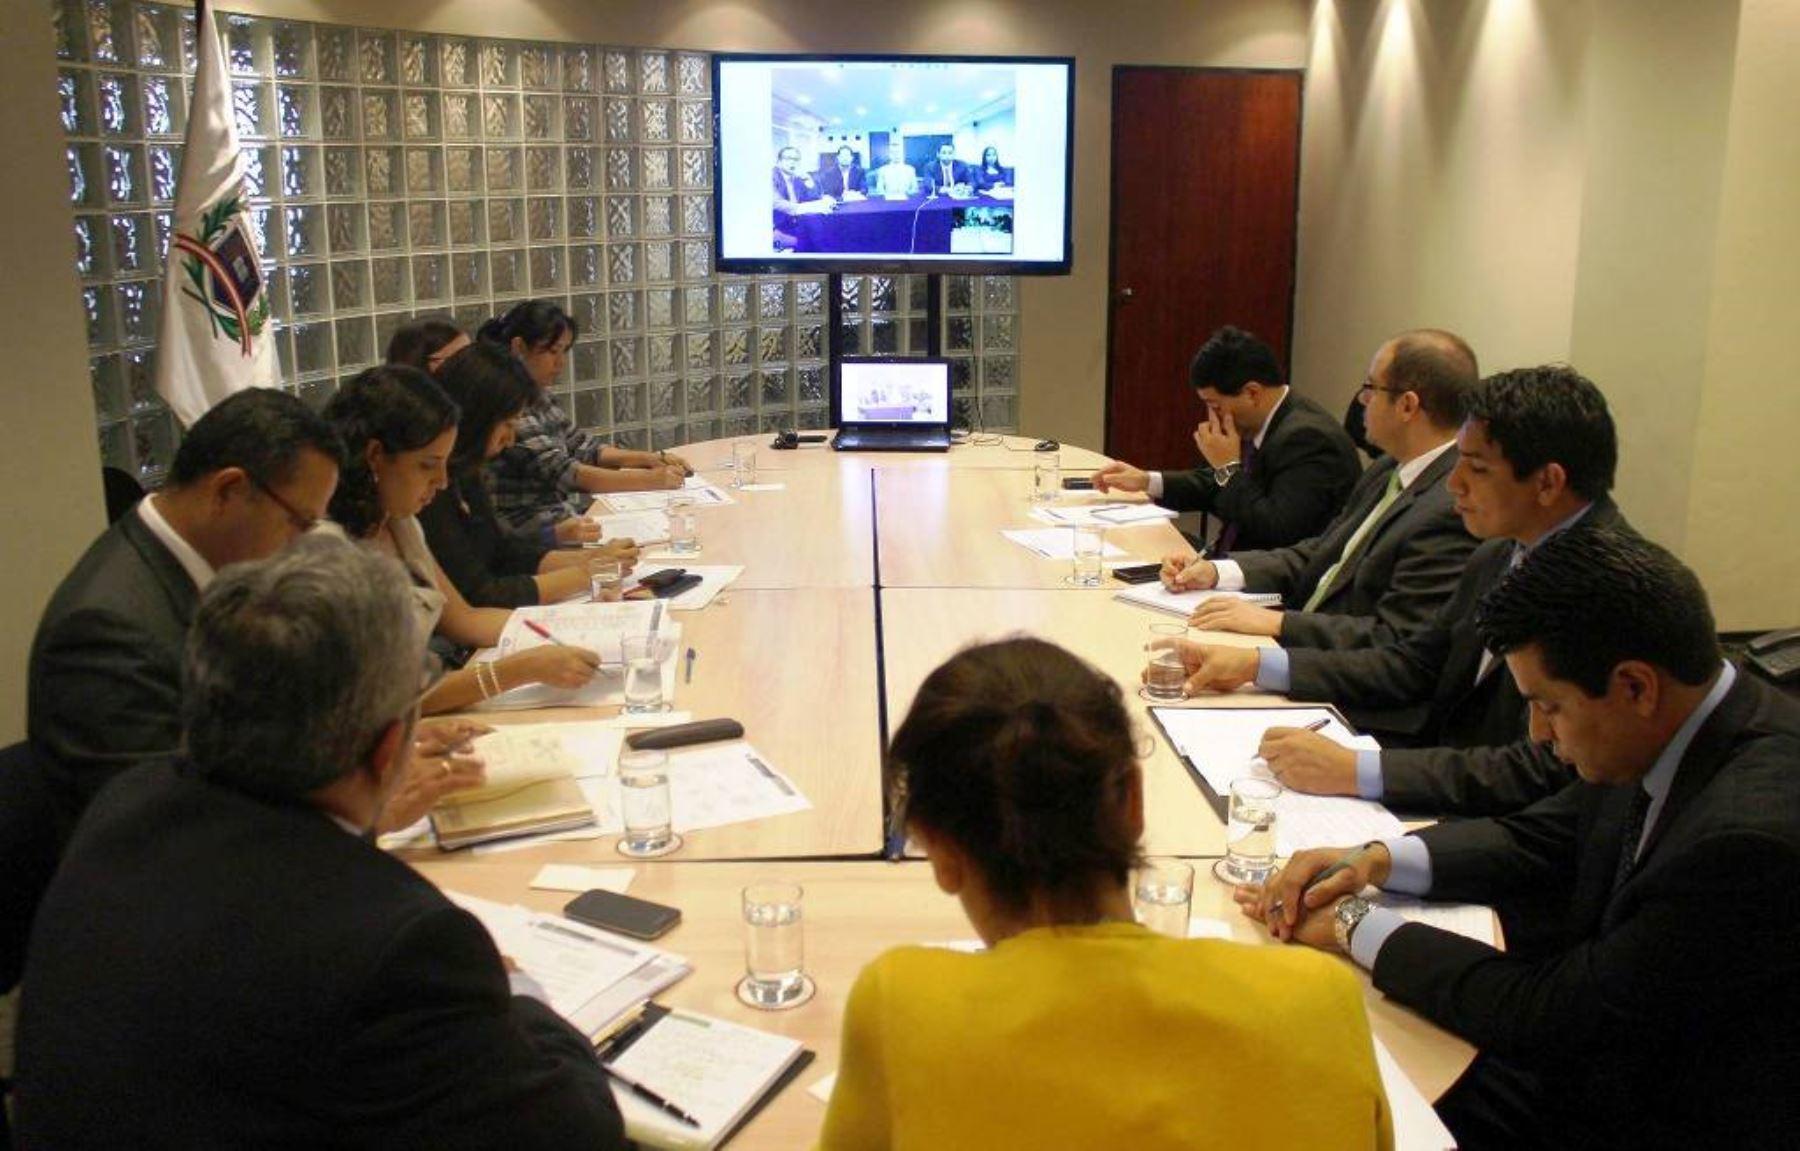 Perú y Bolivia trabajan para erradicar problemas comunes de minería ilegal en frontera. Foto: ANDINA/Difusión.